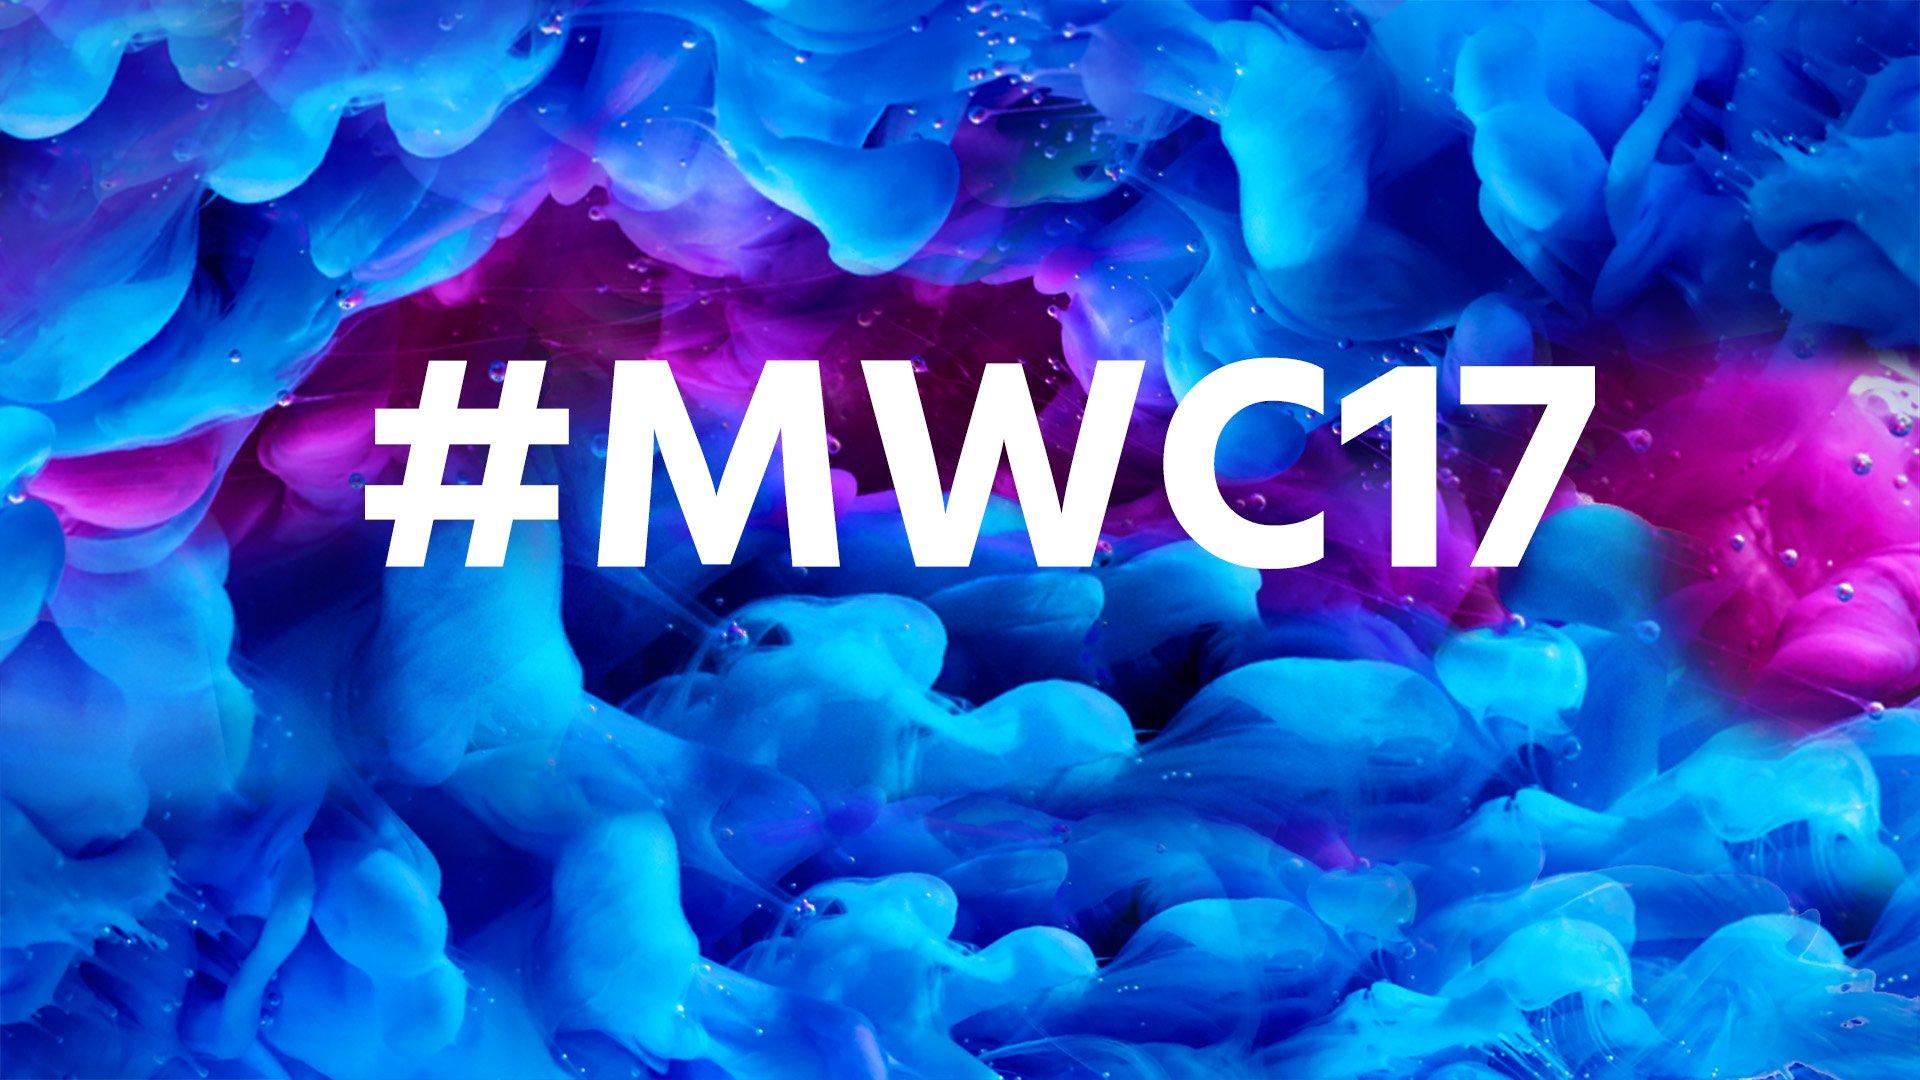 Risultati immagini per #MWC17: Tutti i Prezzi dei prodotti presentati, smartphone e non